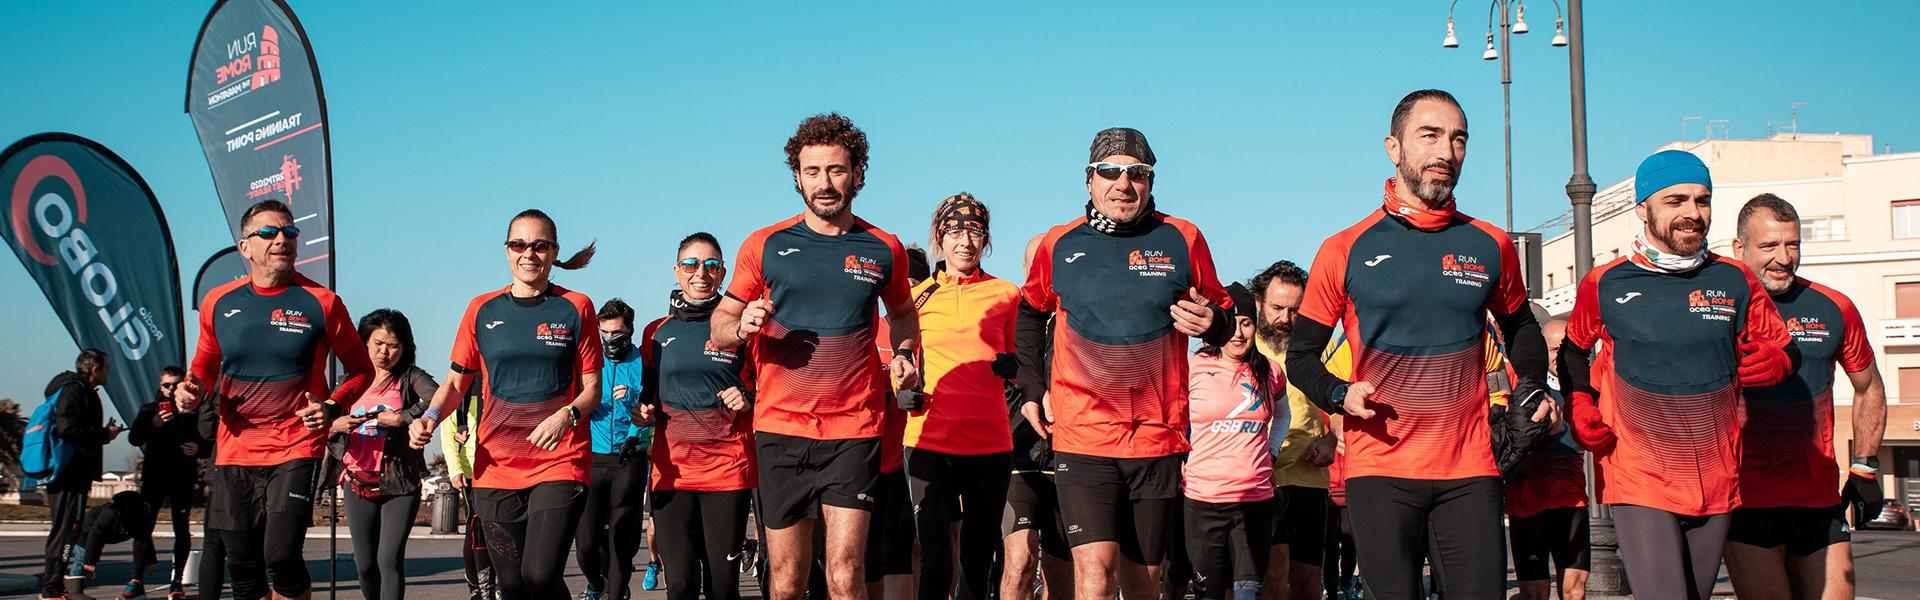 'Get Ready', gli allenamenti di Acea Run Rome The Marathon, il 9 febbraio vanno in trasferta a Firenze